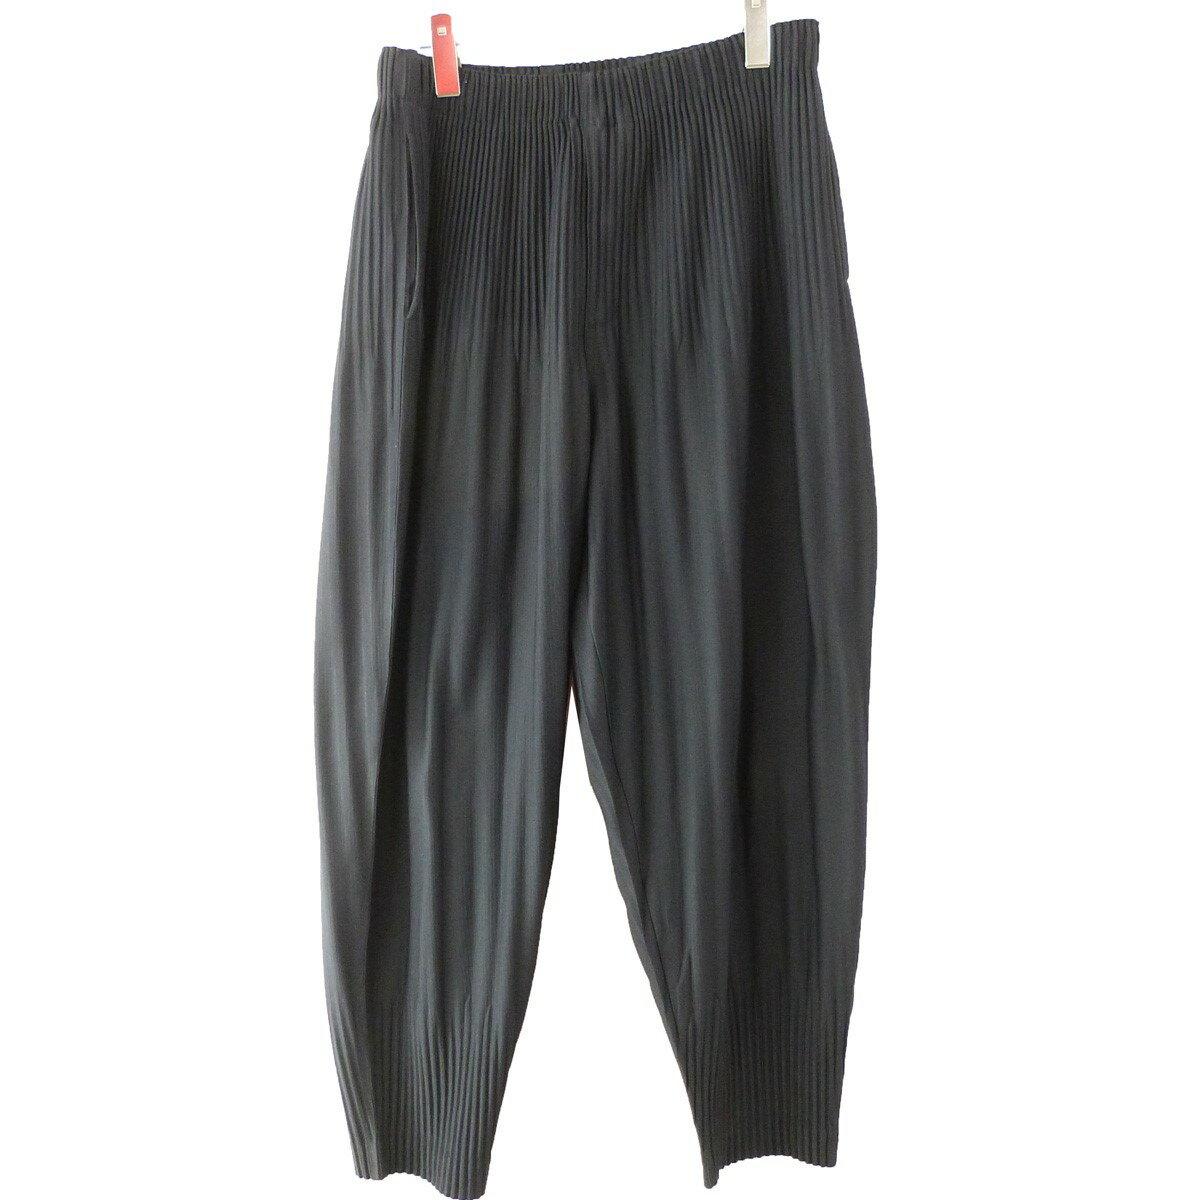 メンズファッション, ズボン・パンツ HOMME PLISSE ISSEY MIYAKE 15SS 2 240220